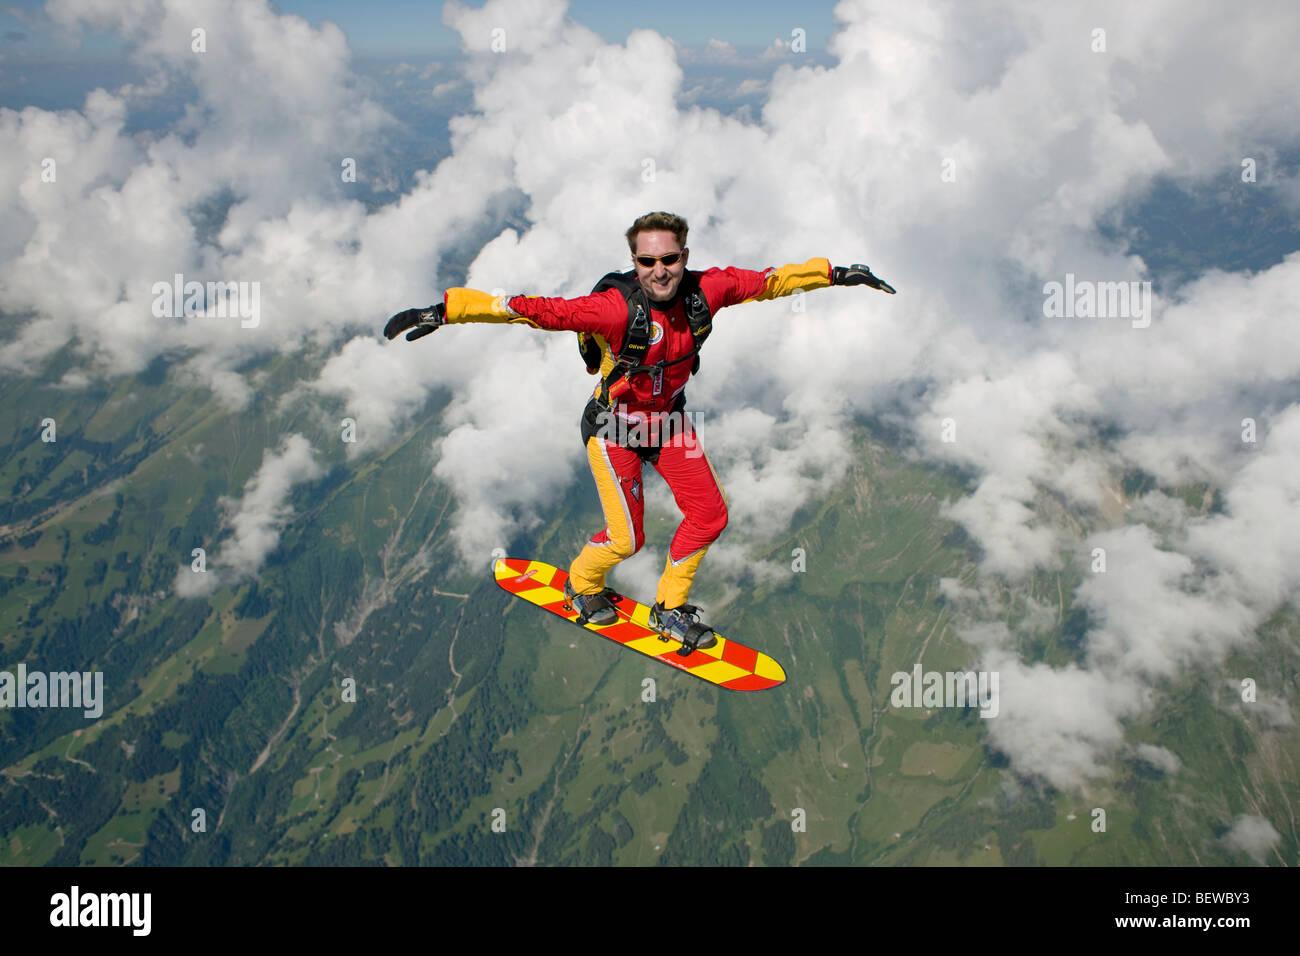 skysurfer, full shot - Stock Image